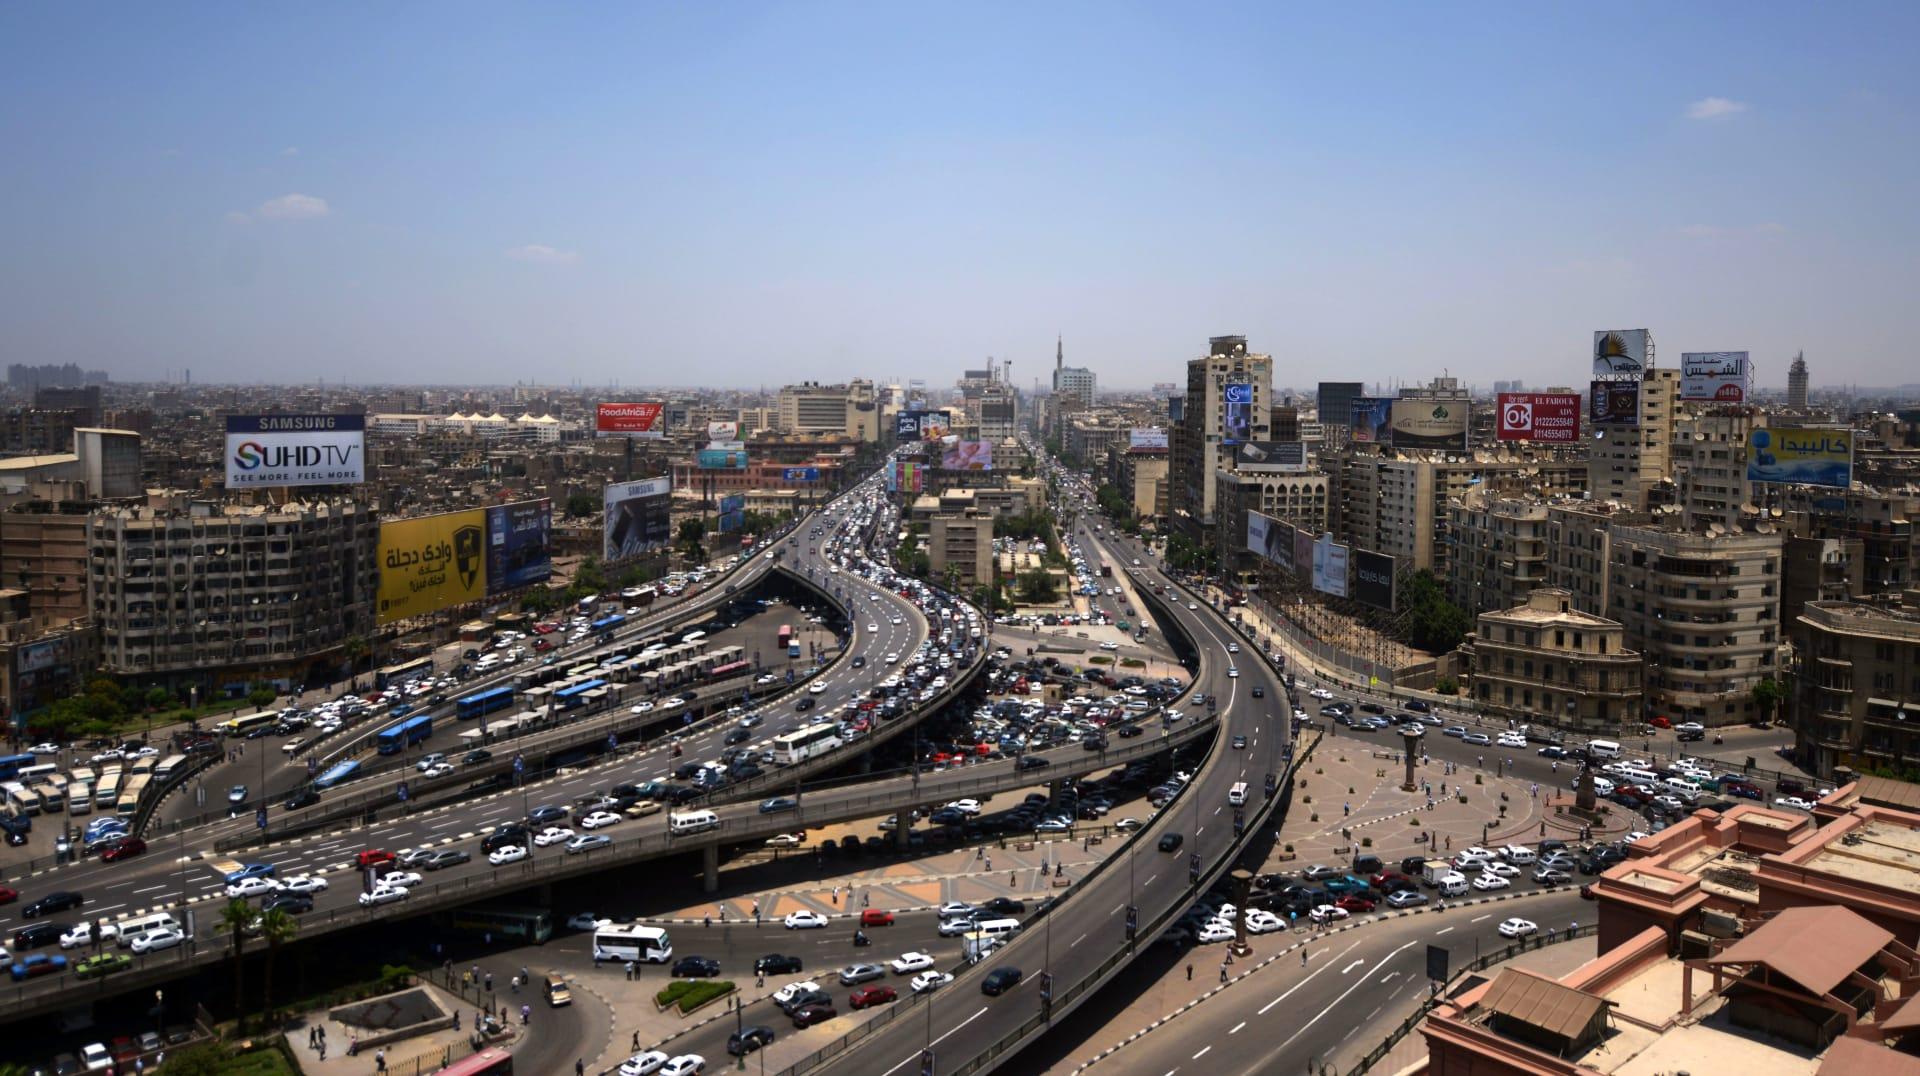 صورة أرشيفية عامة من العاصمة المصرية، القاهرة